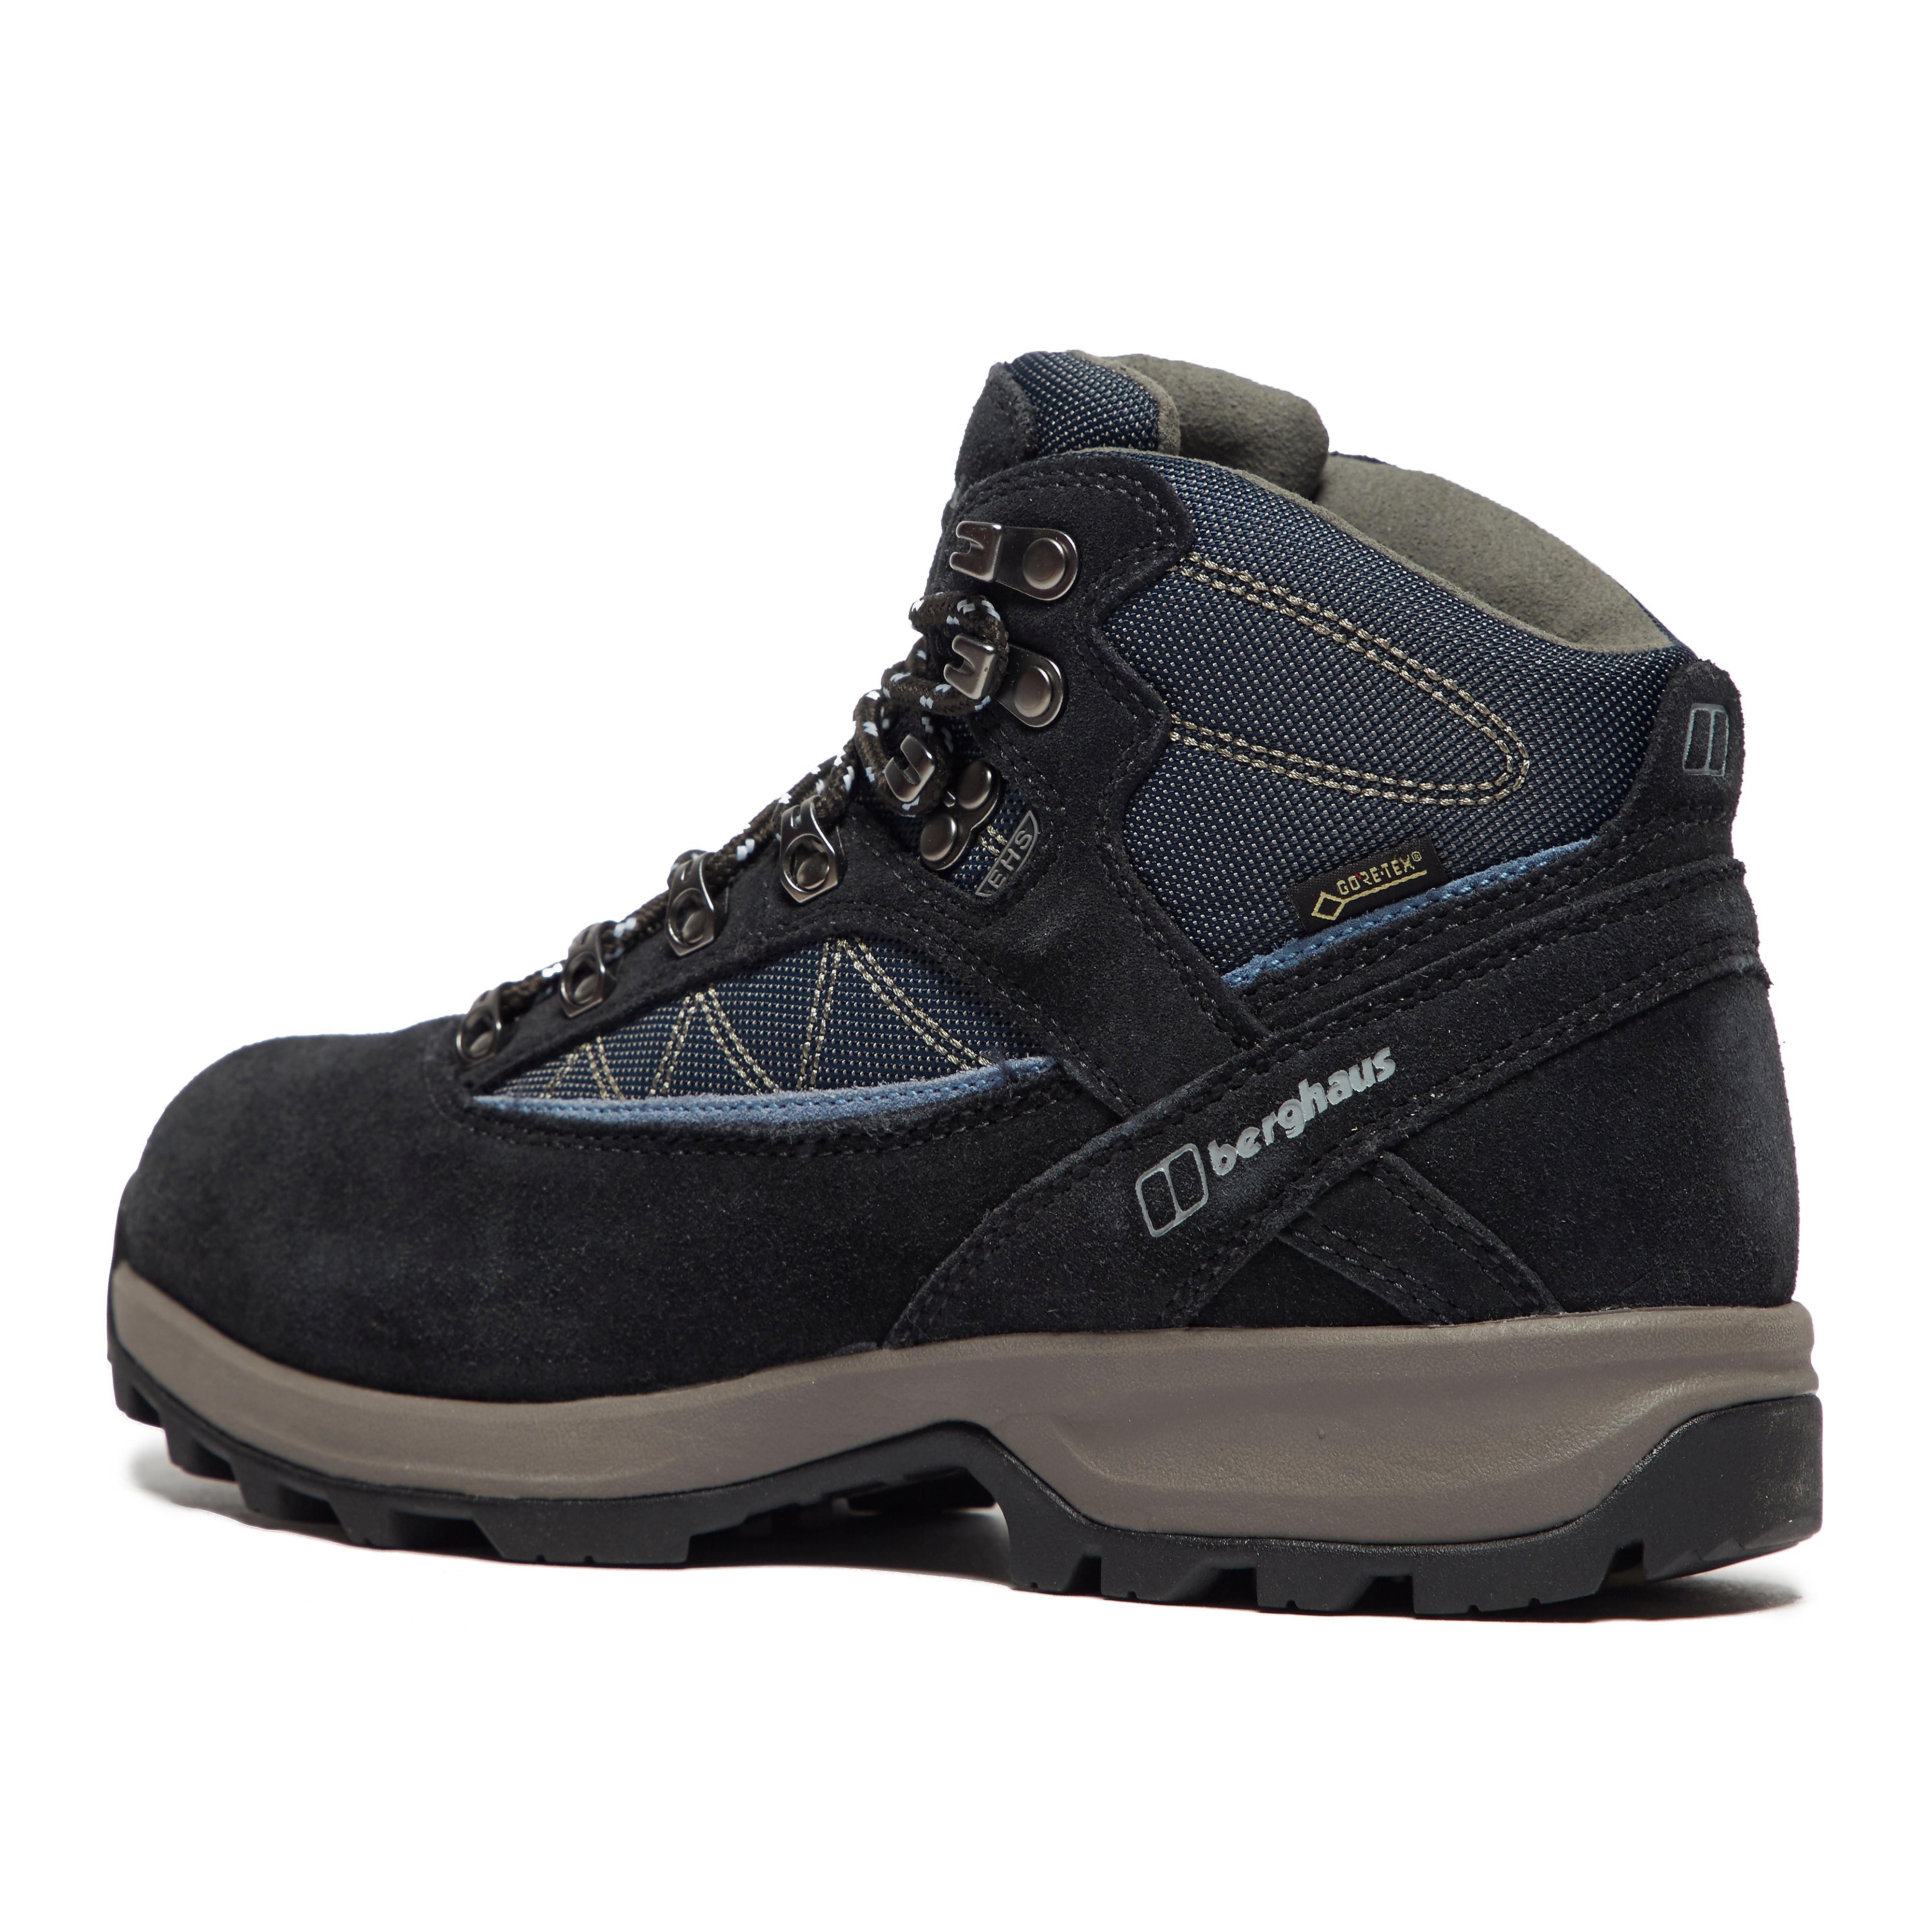 Berghaus Explorer Trek VII Gore-Tex Ladies Boots